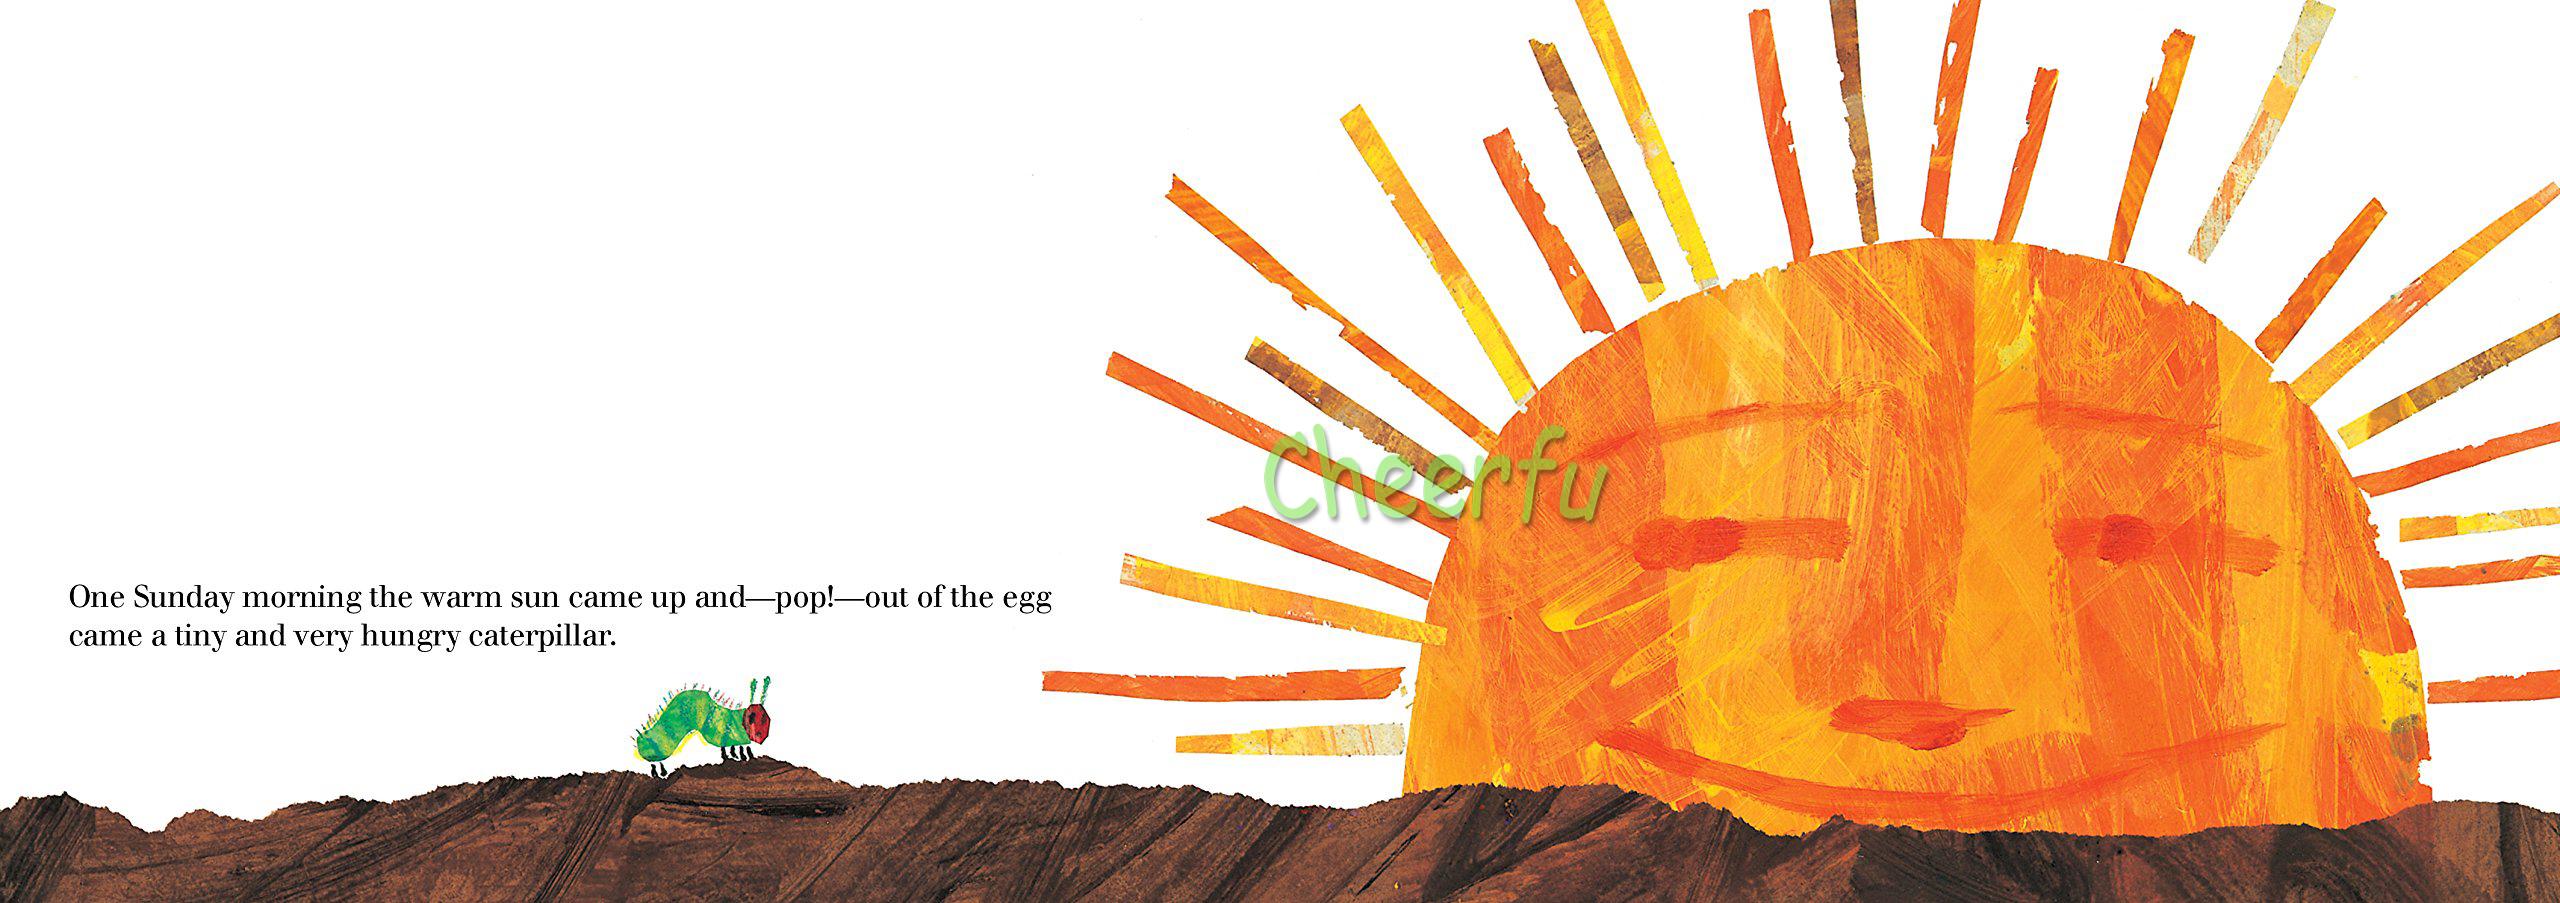 La Oruga Muy Hambrienta por Eric Carle educativo inglés libro ...